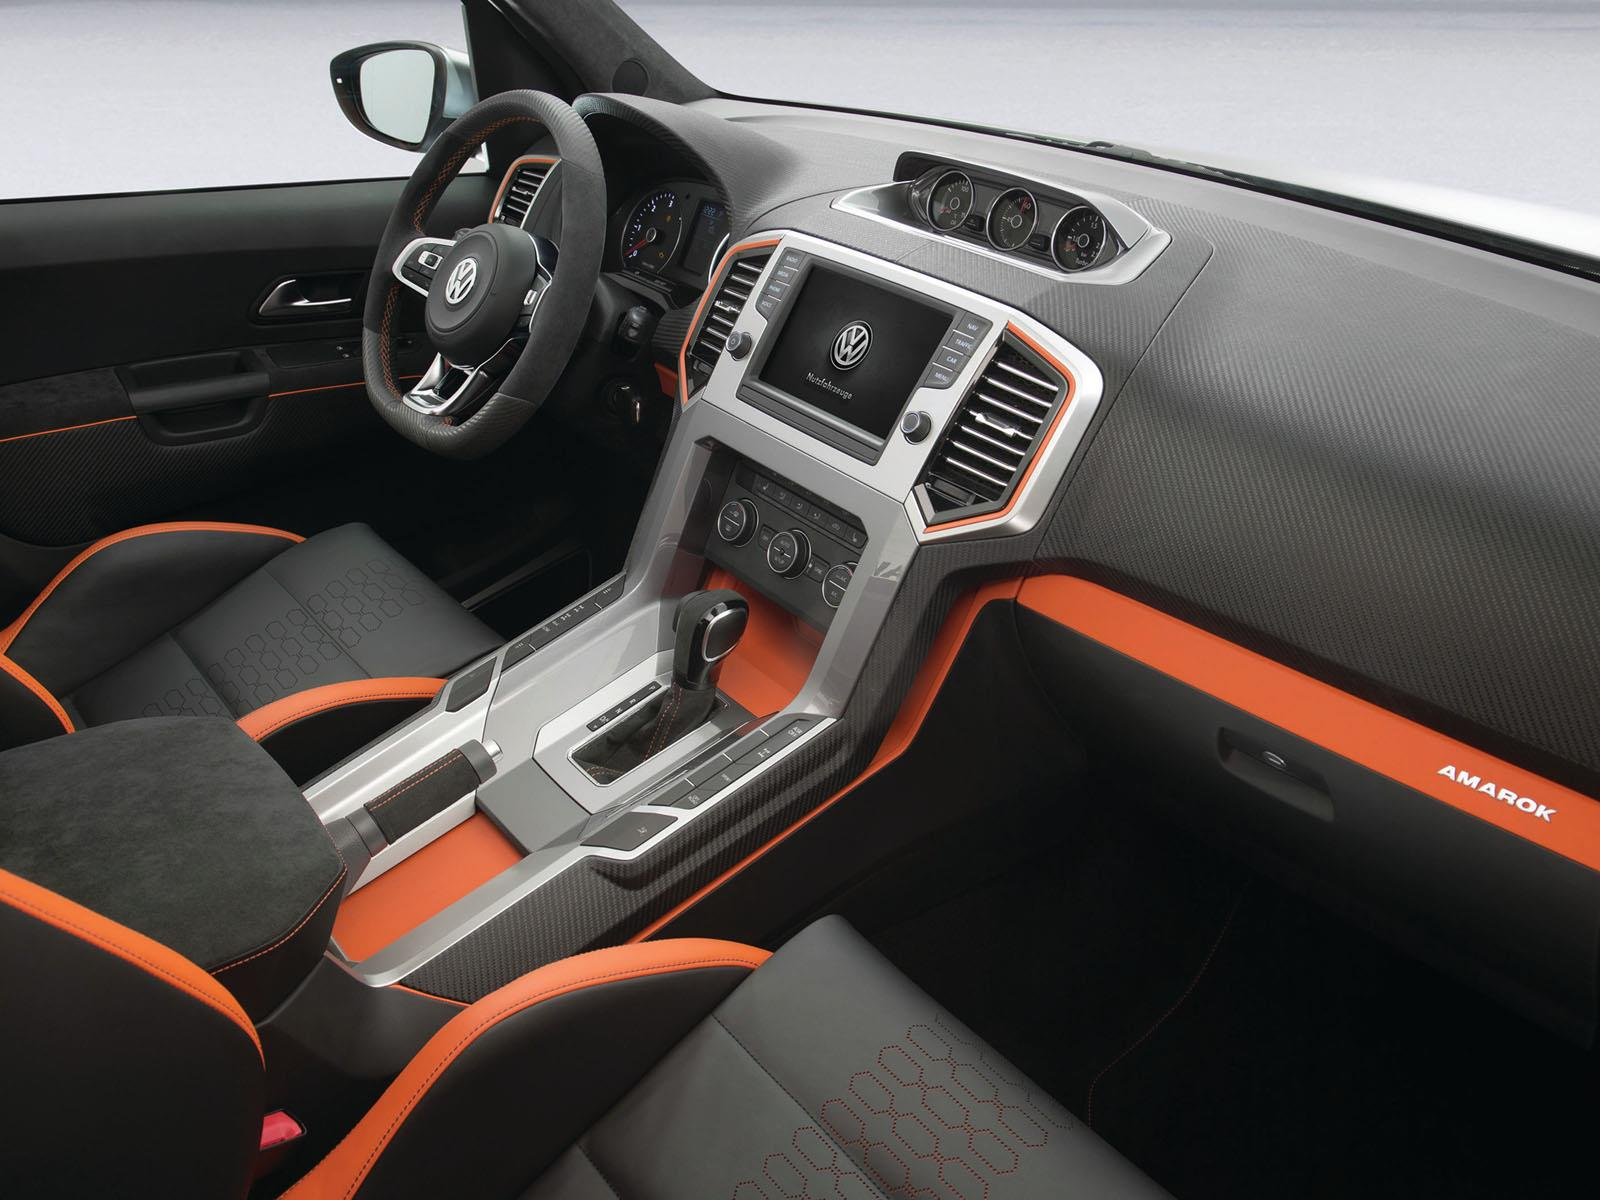 VW Amarok anticipa el nuevo interior para 2015 ...